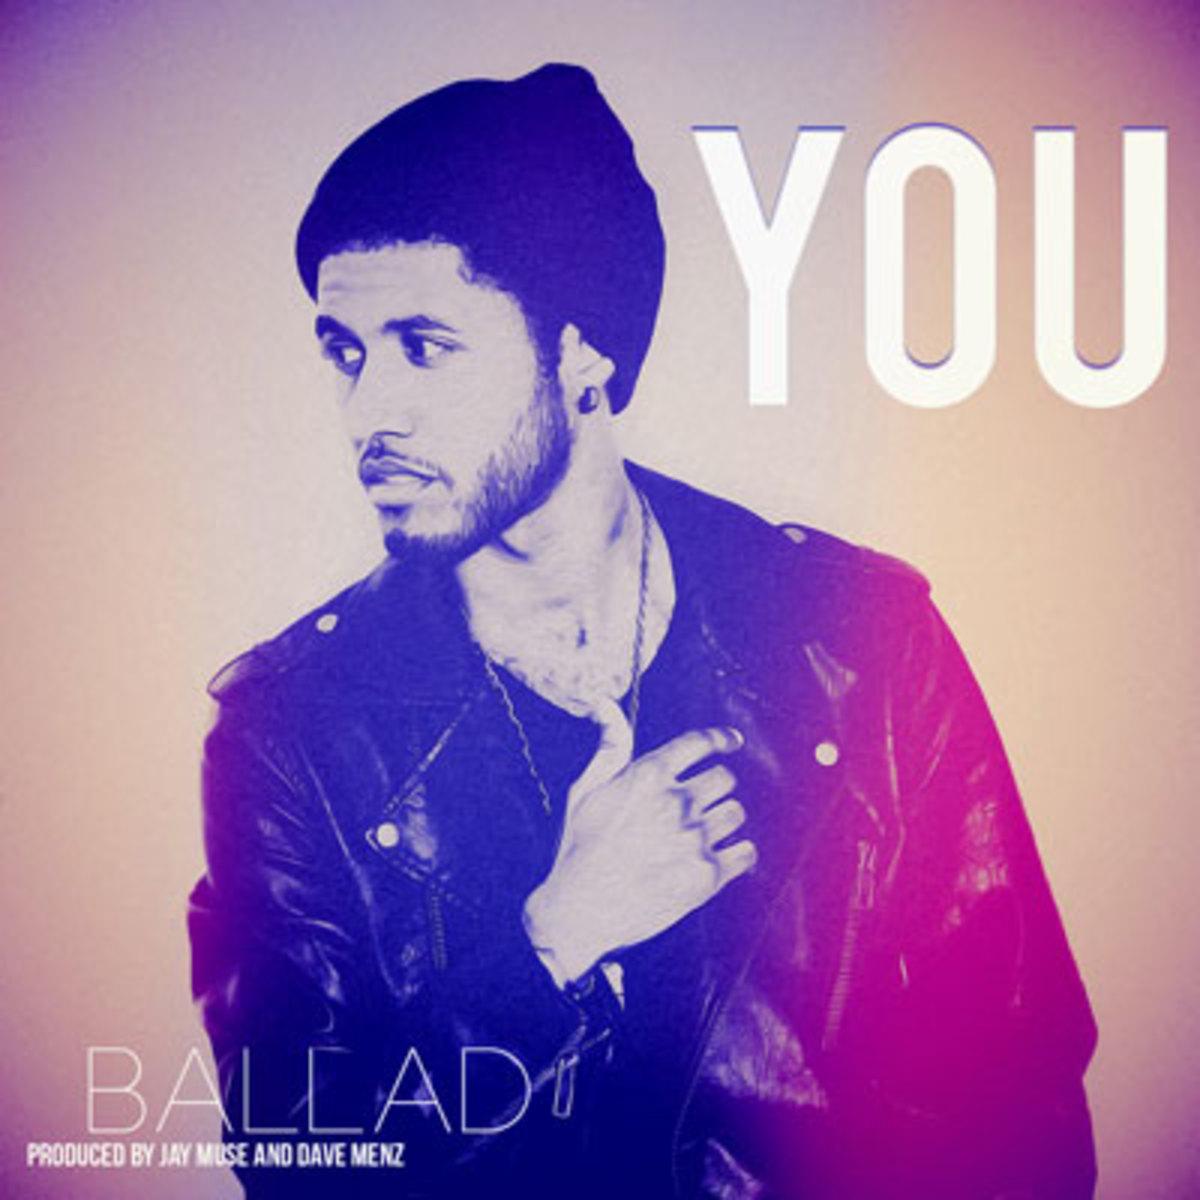 ballad-you.jpg